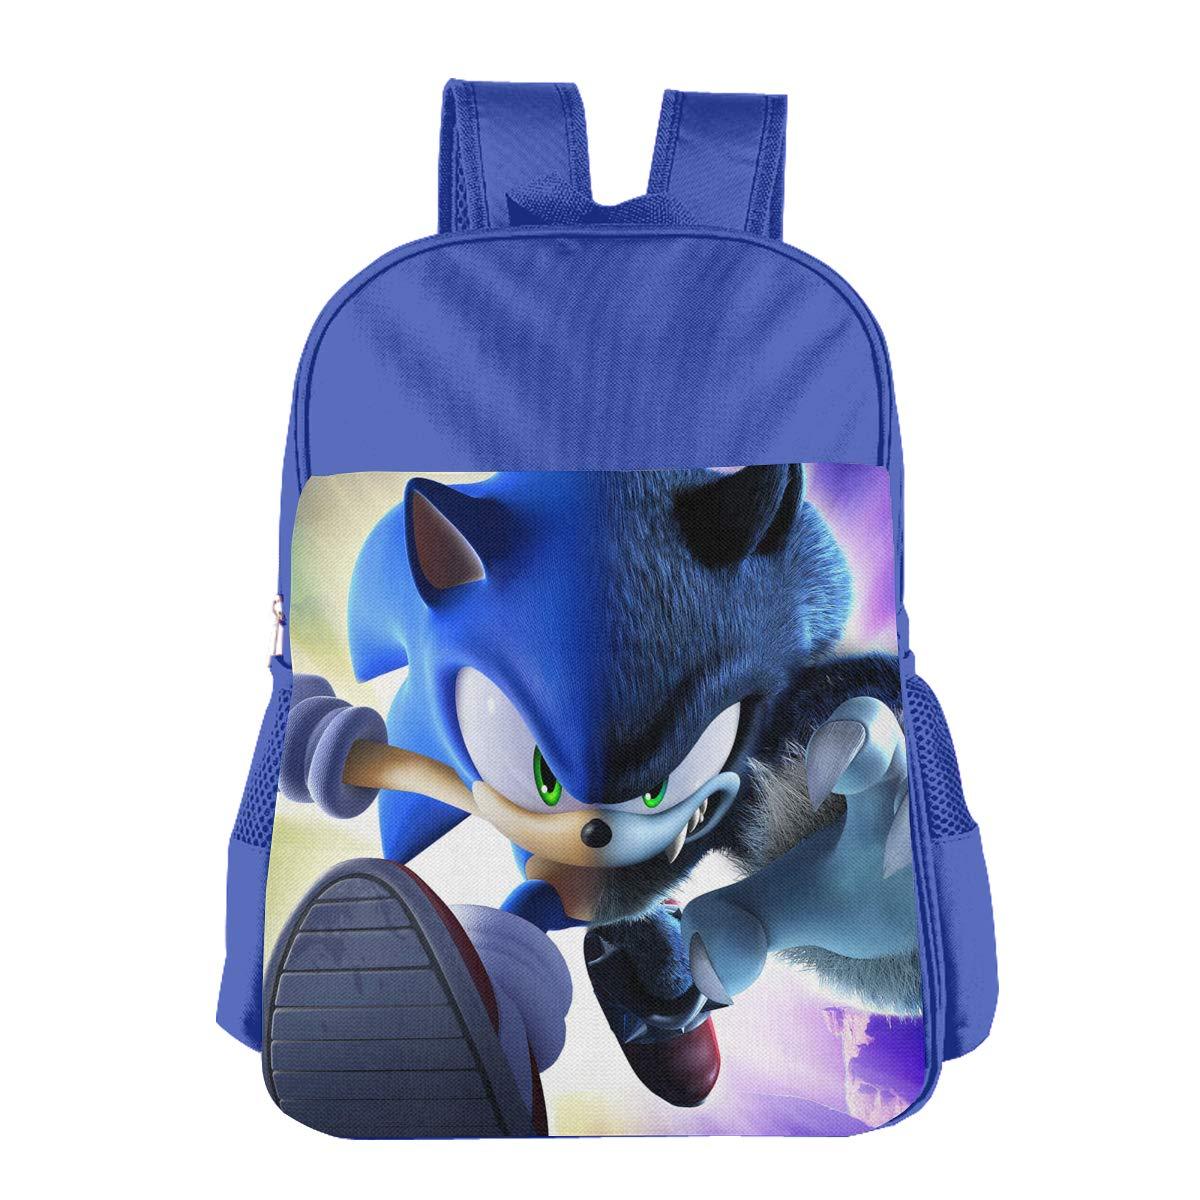 CNJELLAW ブルー ハリネズミ ソニック スクールバッグ プリント 軽量 学生用バックパック 子供用 ブックバッグ デイパック B07M7GCDCW ブルー One Size